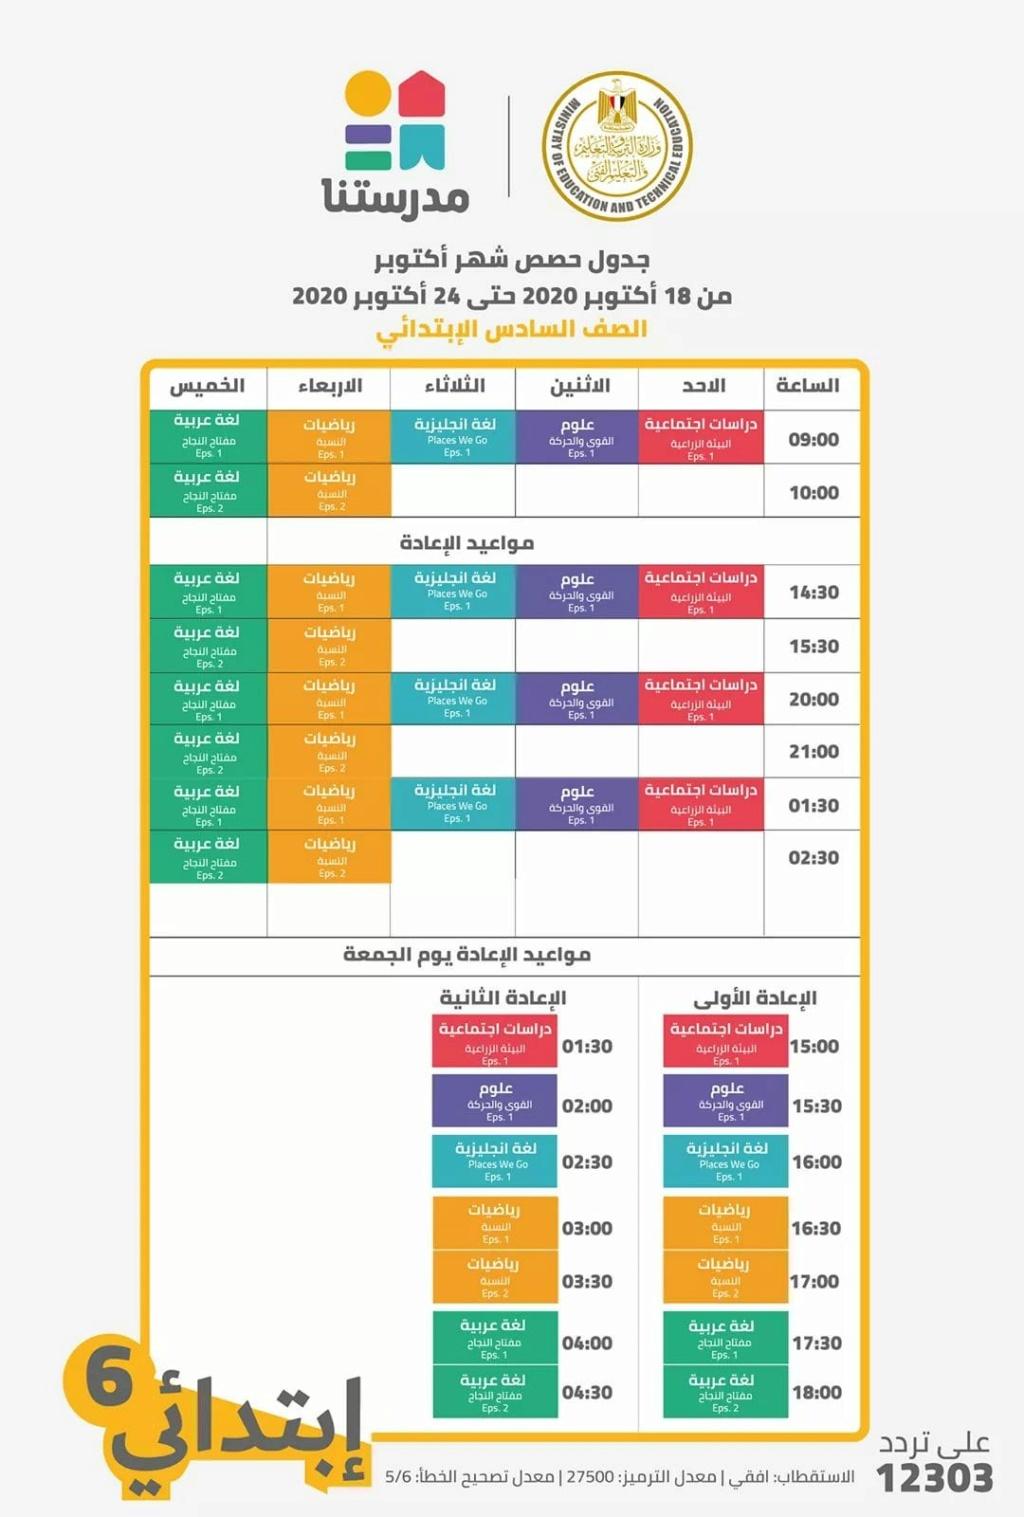 جدول حصص قناة مدرستنا لصفوف الابتدائي والاعدادي 12609